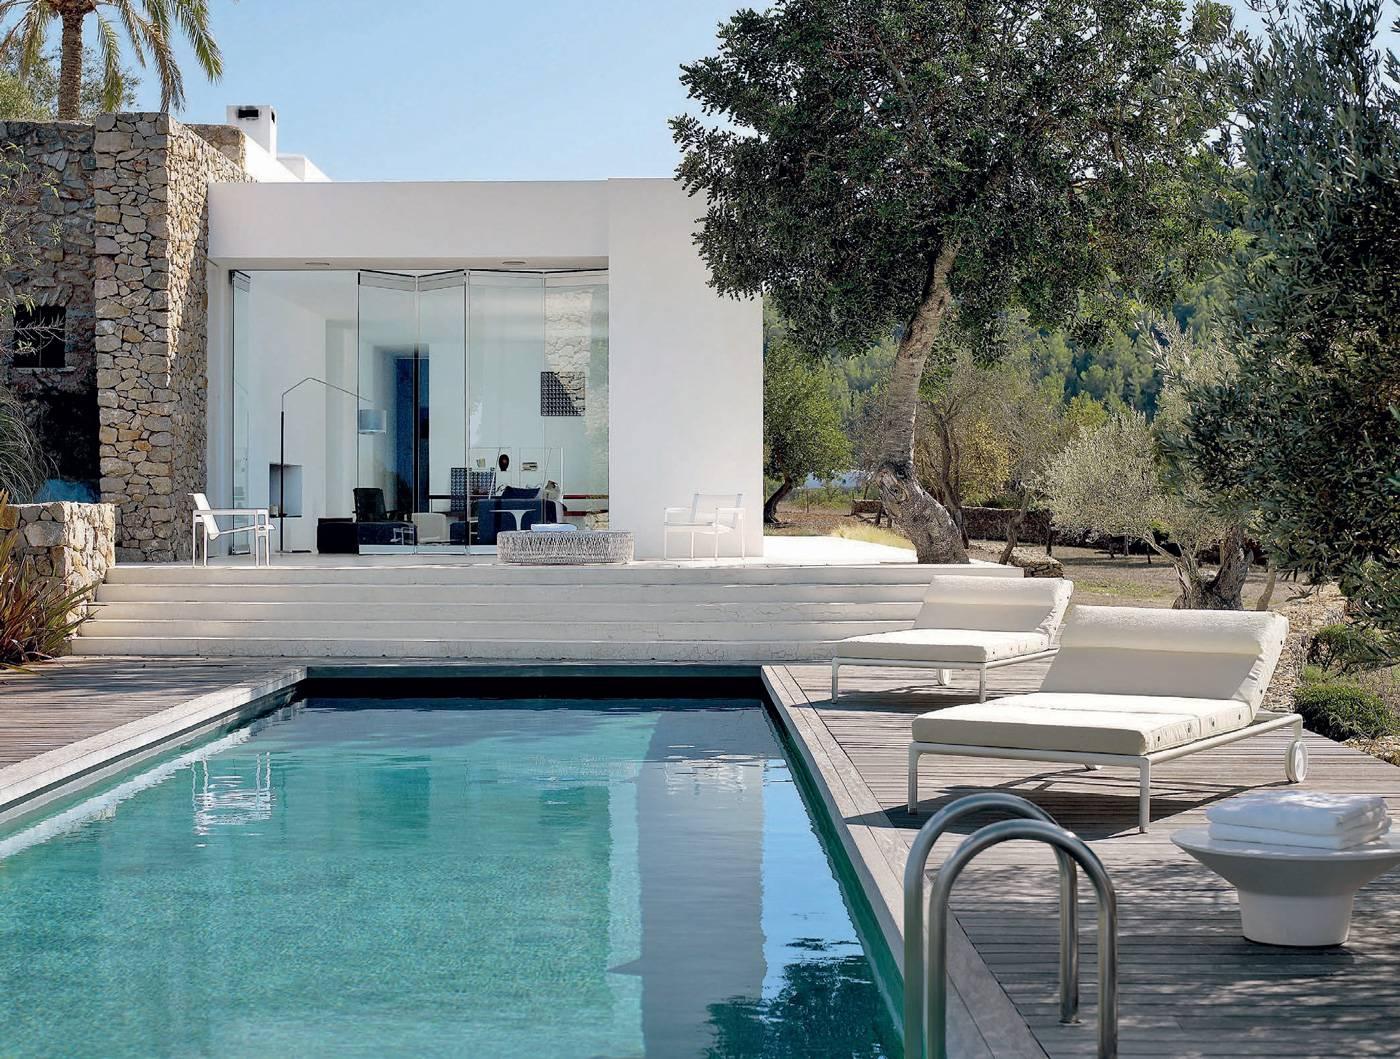 ferme r habilit e au charme minimaliste ibiza id es d co meubles et int rieurs design. Black Bedroom Furniture Sets. Home Design Ideas